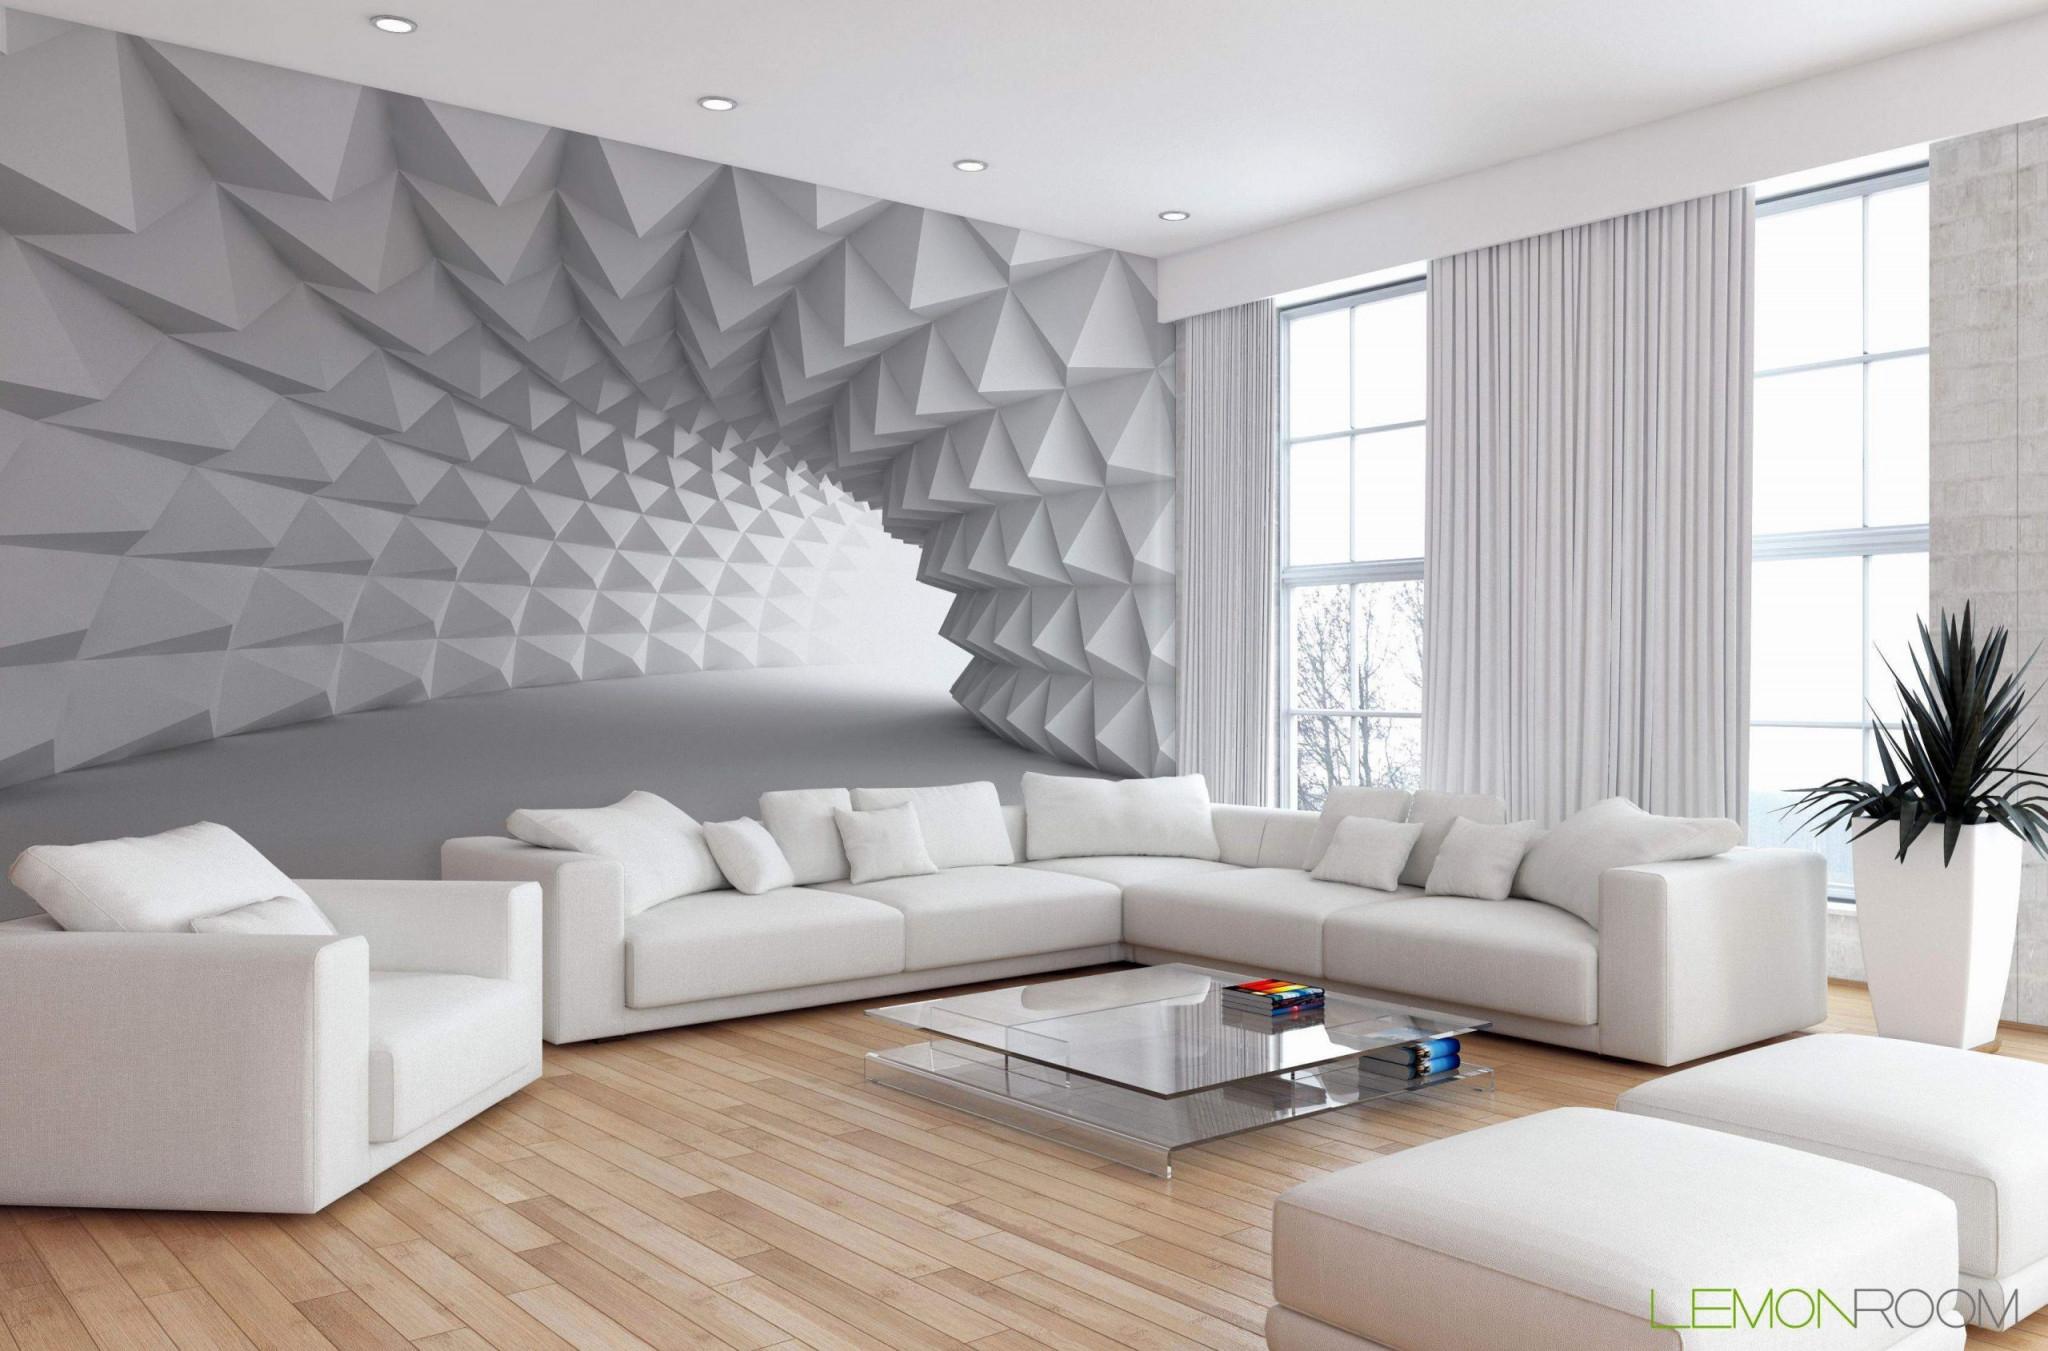 Fototapete Wohnzimmer 3D Das Beste Von 32 Frisch Tapeten von Tapeten 3D Wohnzimmer Bild